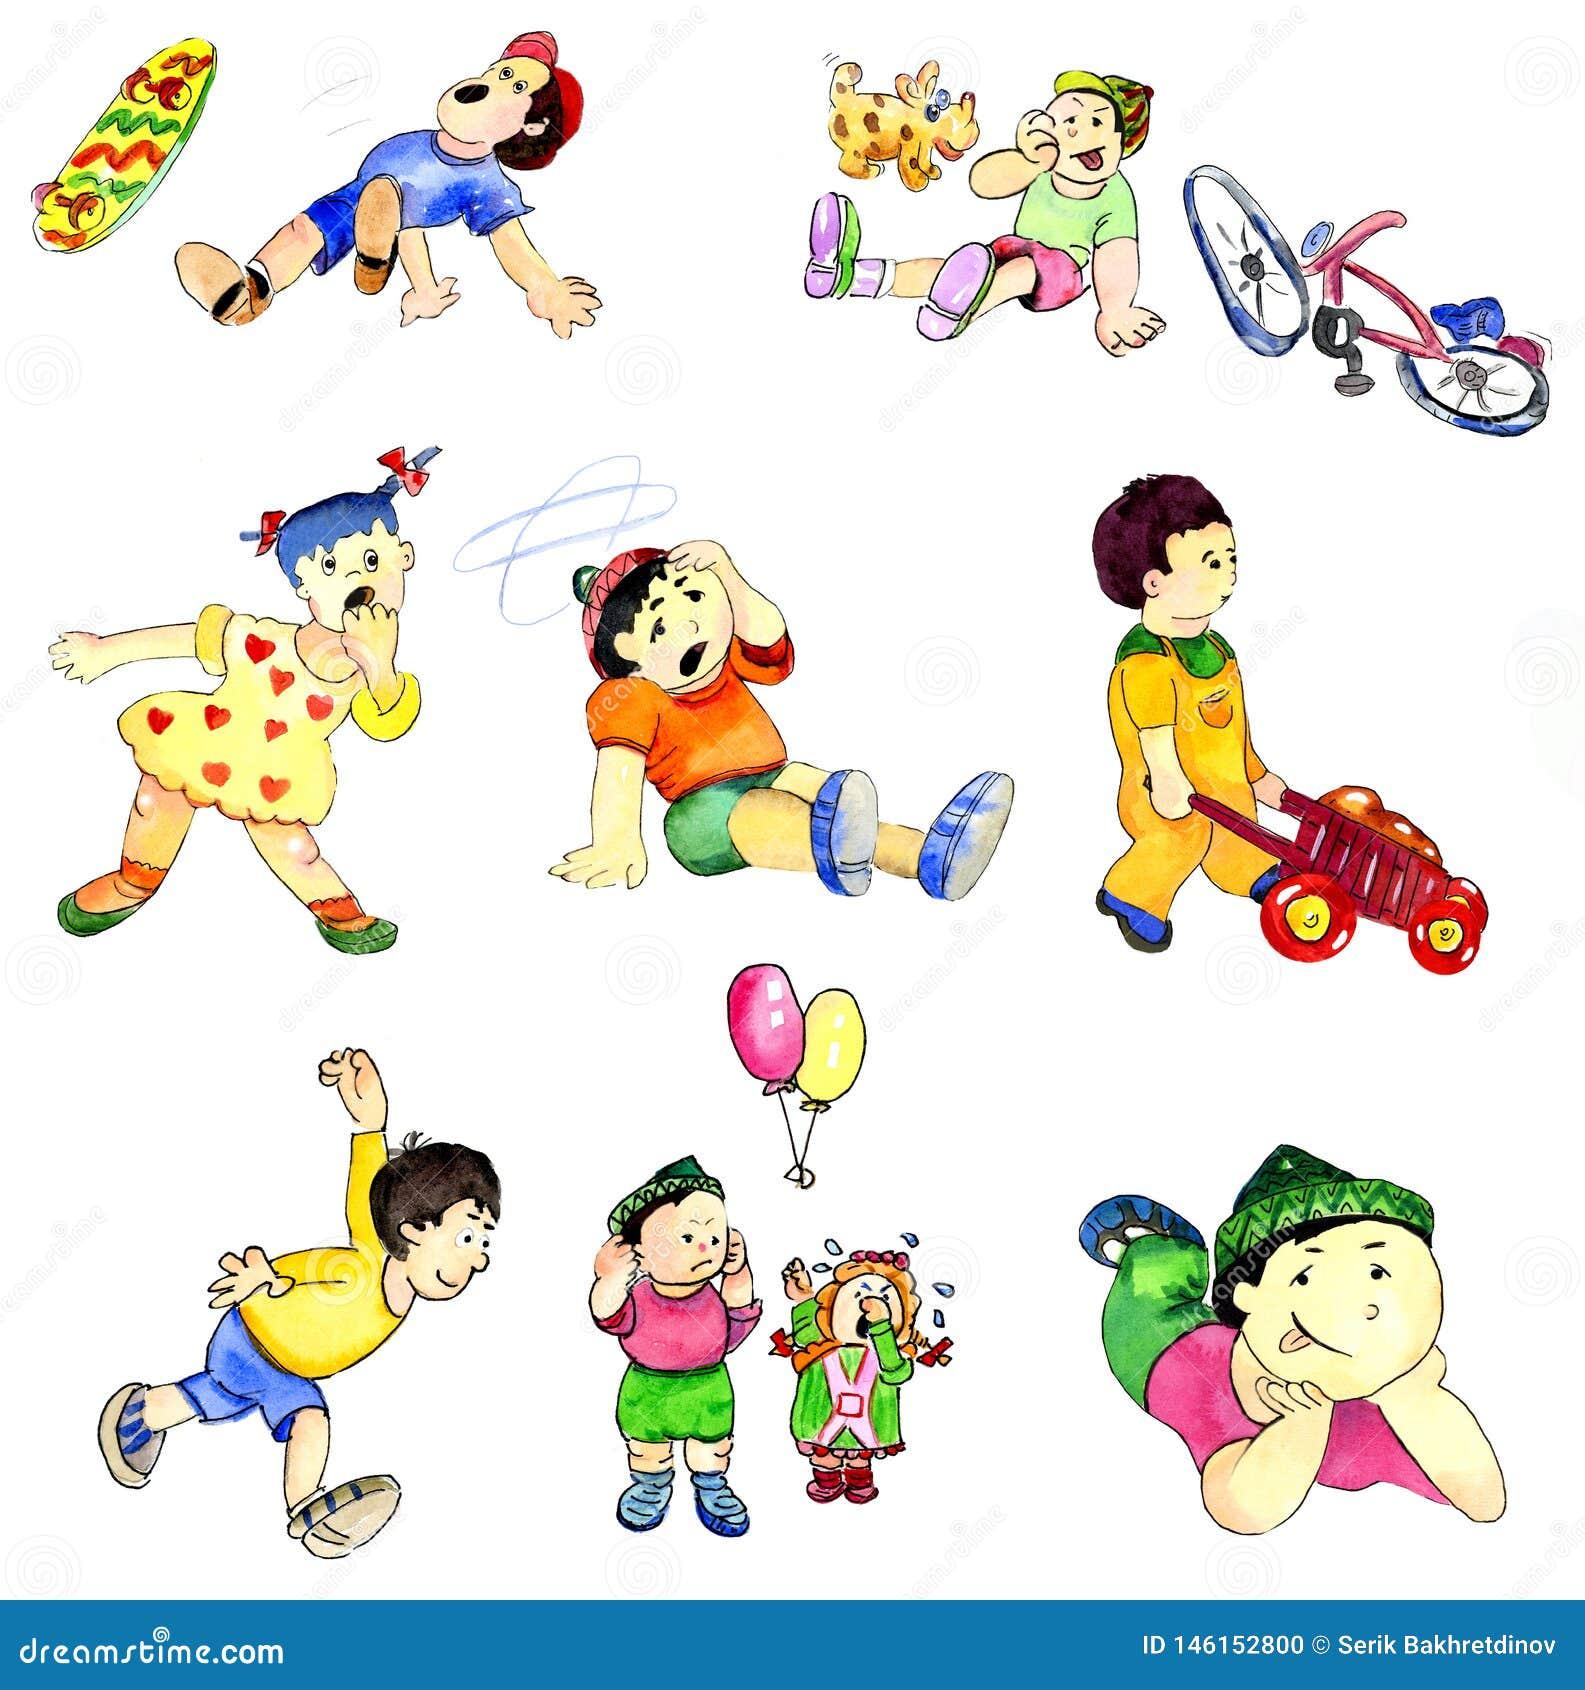 Dibujo jugando a niños en diversas situaciones del juego